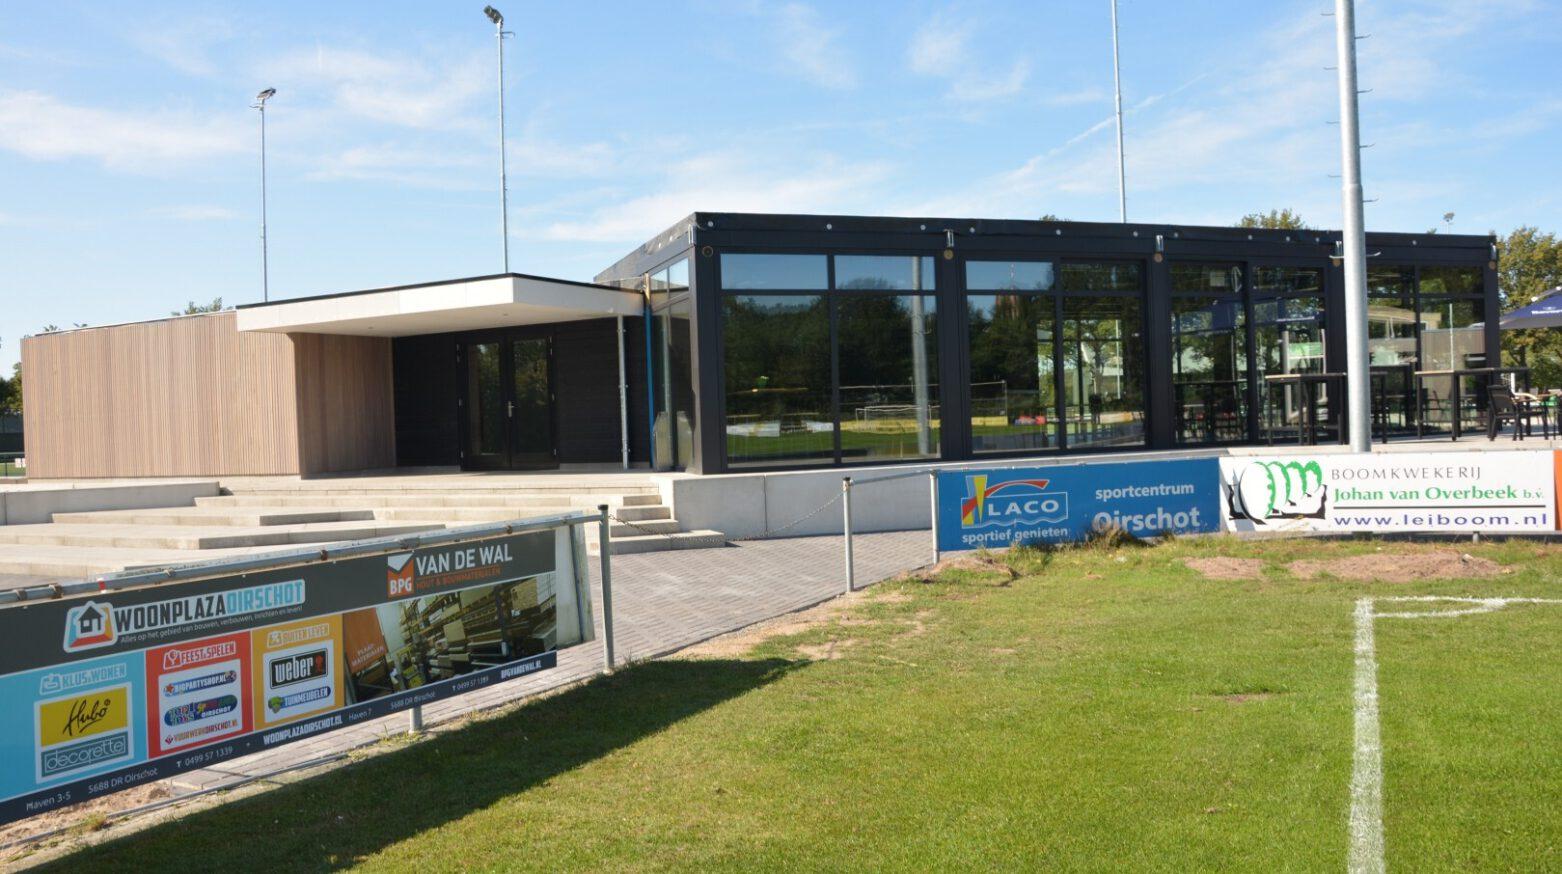 Voetbalpaviljoen Oirschot Vooruit buitenaanzicht met veld